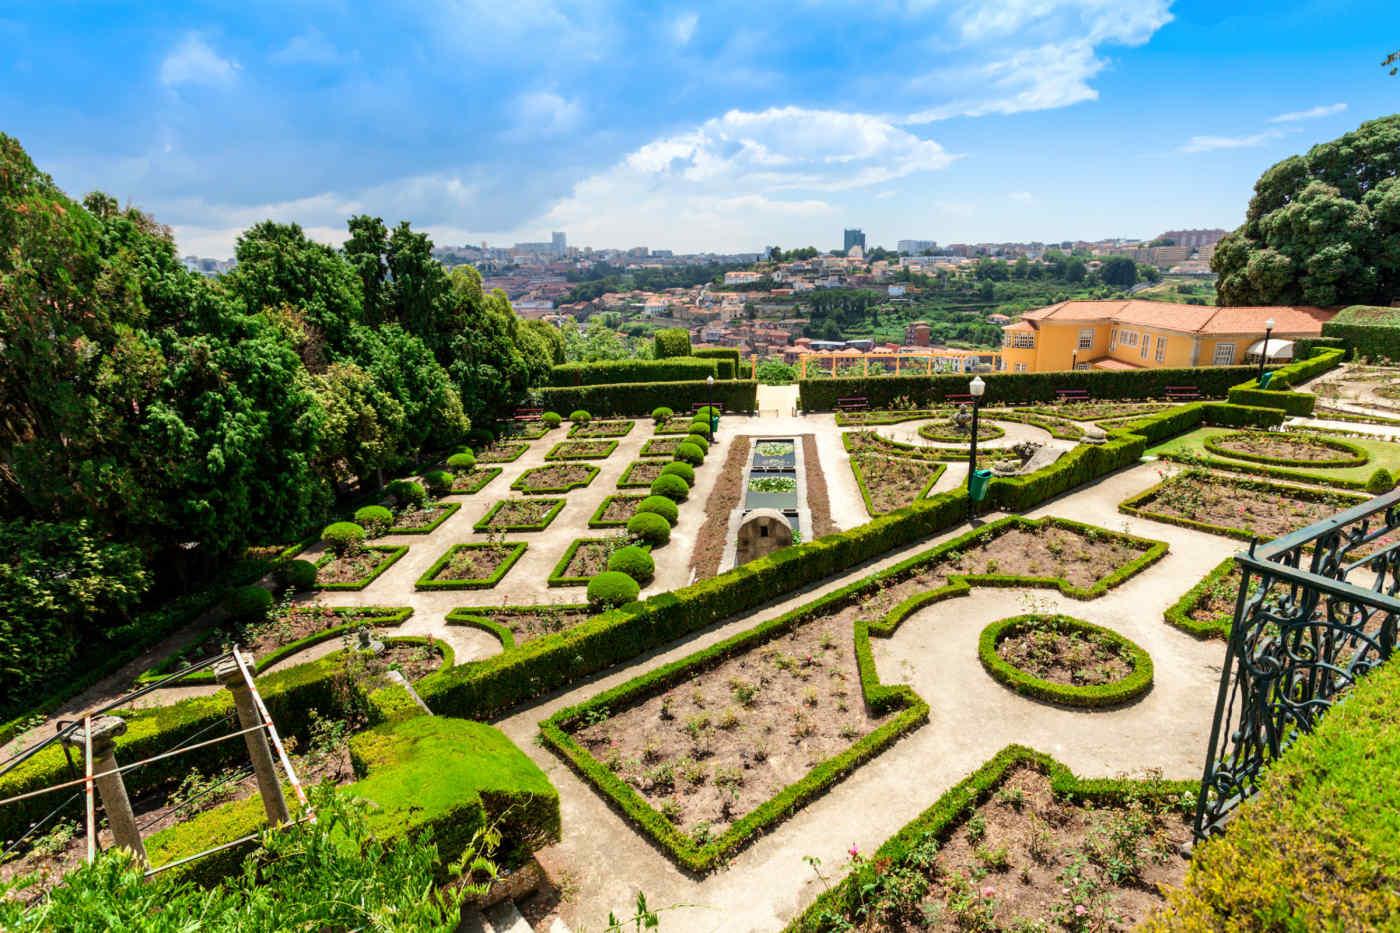 Jardins do Palácio de Cristal • Porto, Portugal